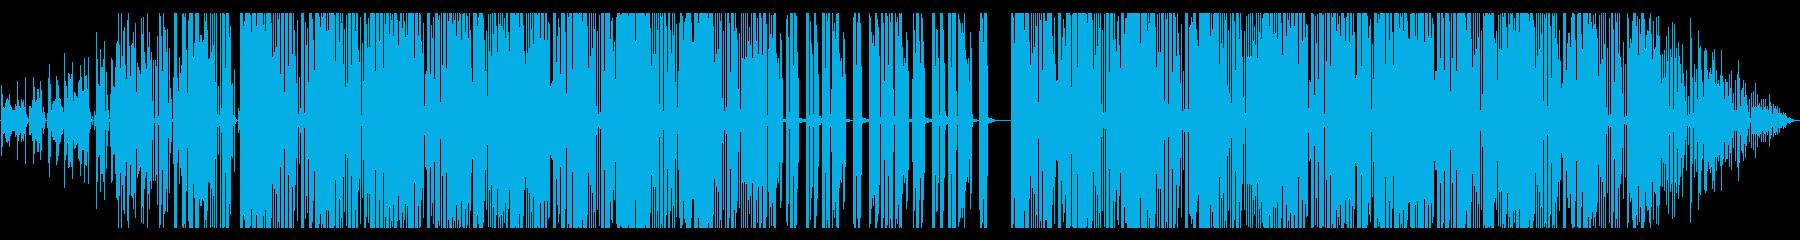 ハウス/ディスコ_No422の再生済みの波形